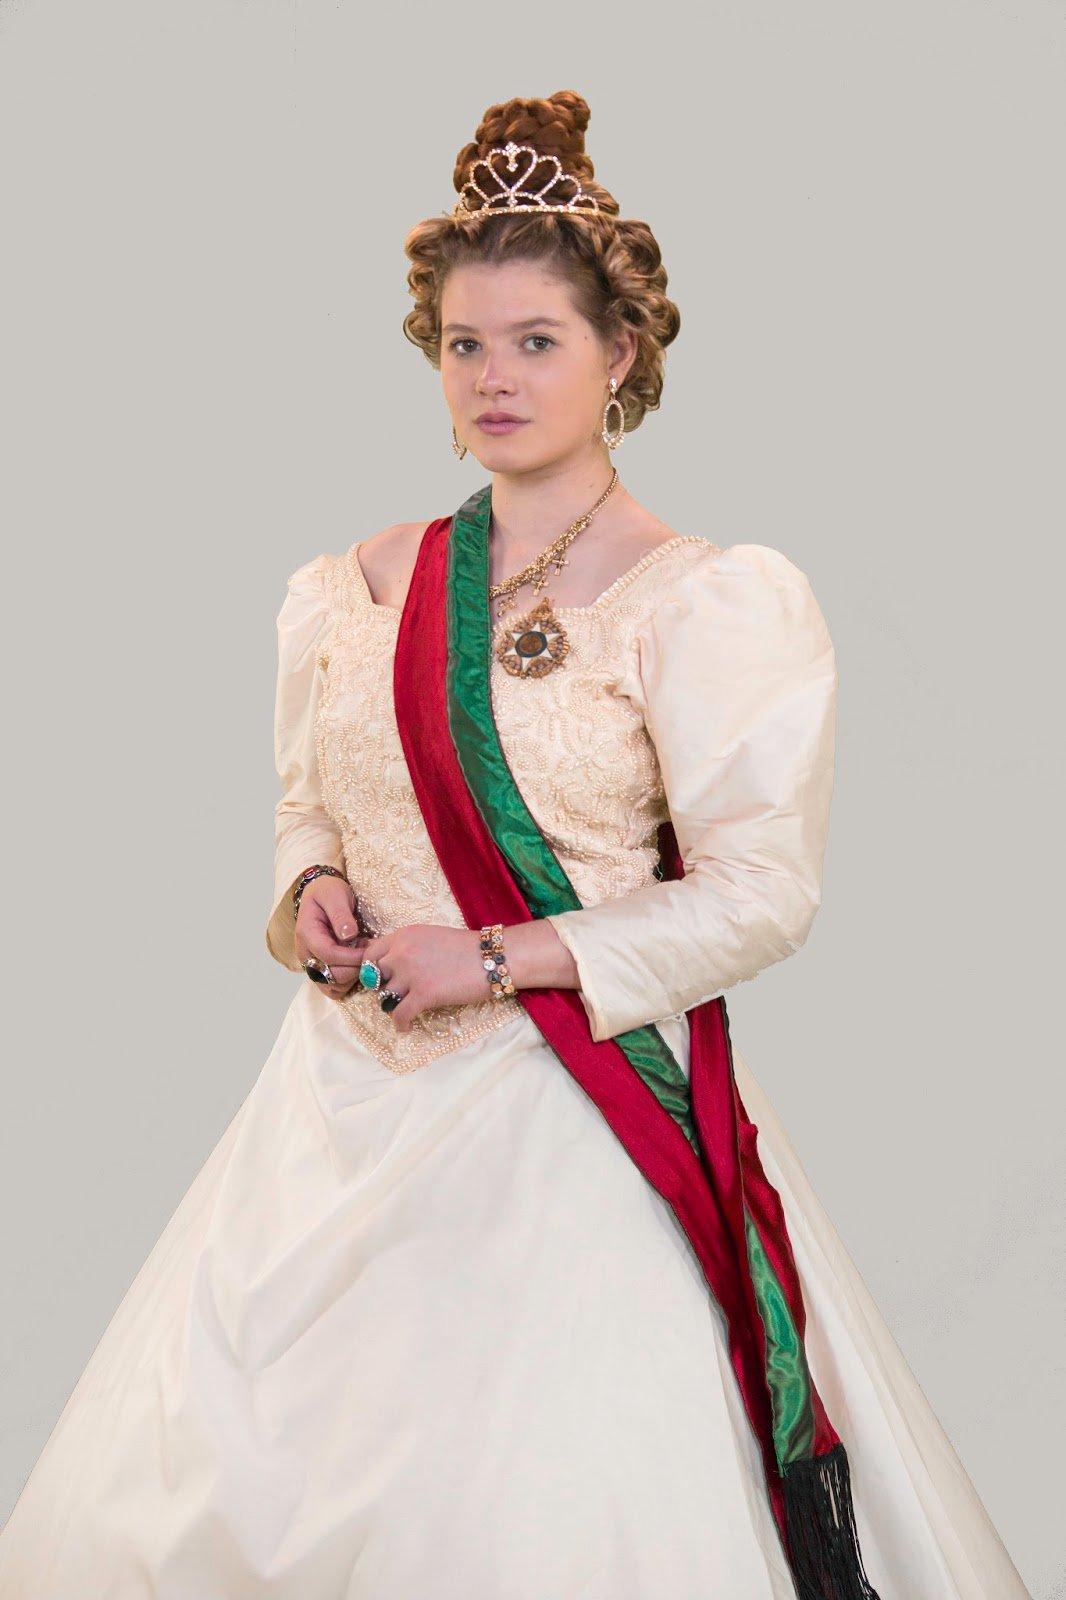 Julia Simoura como a Rainha de Portugal